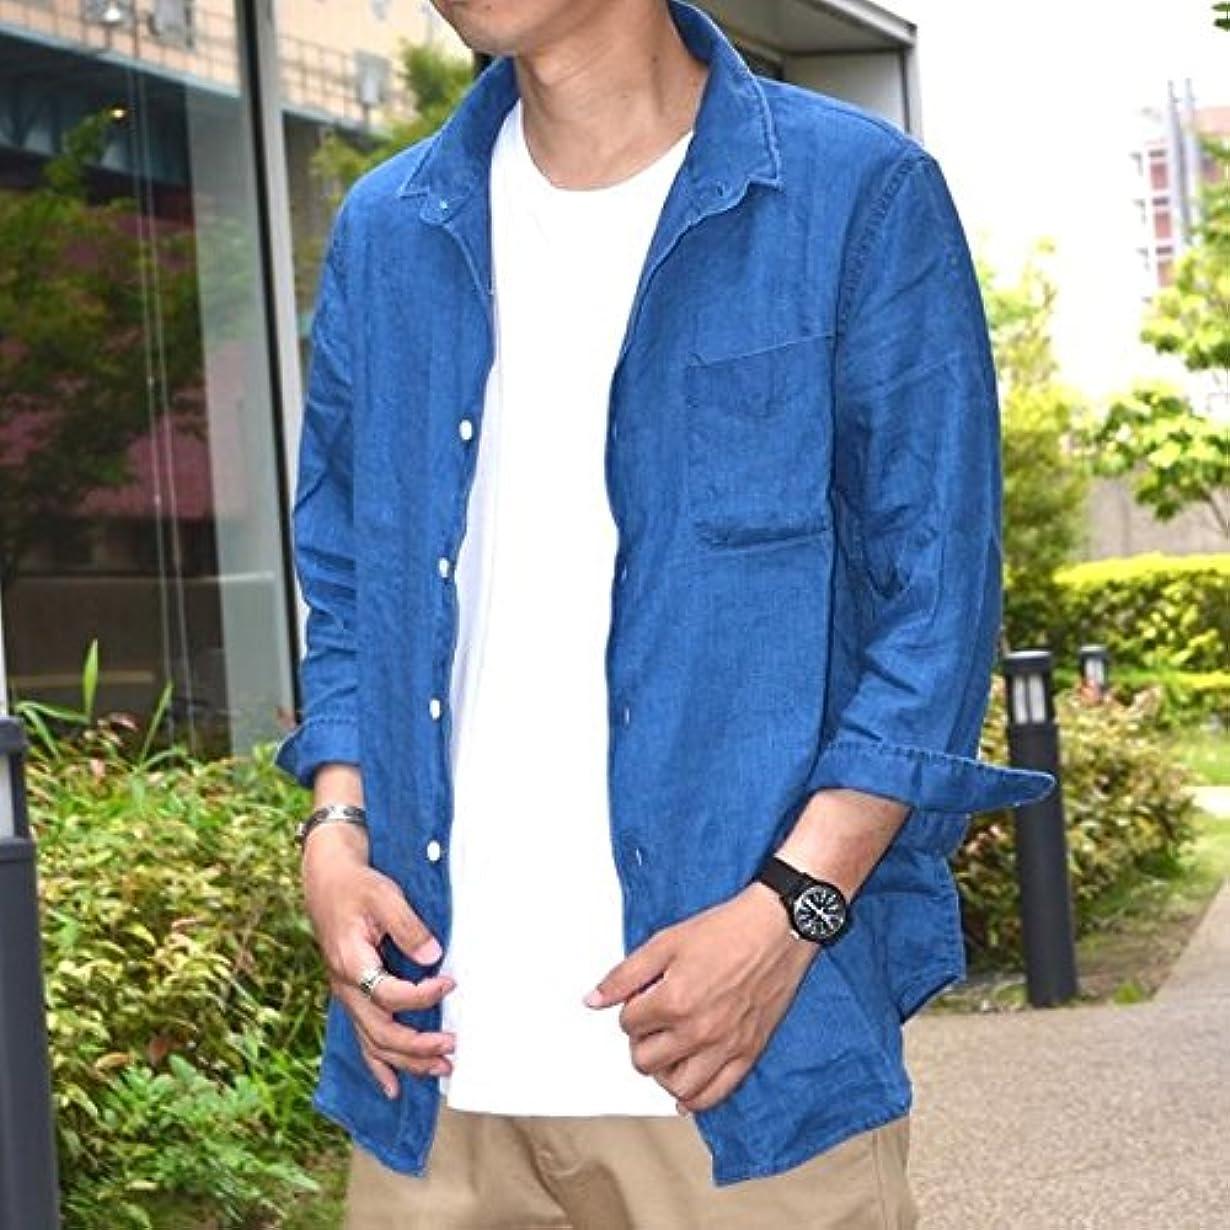 ブロック正しくむさぼり食うシップス(メンズ)(SHIPS) SU: インディゴ リネン7スリーブワイヤーシャツ【ライトブルー/SMALL】